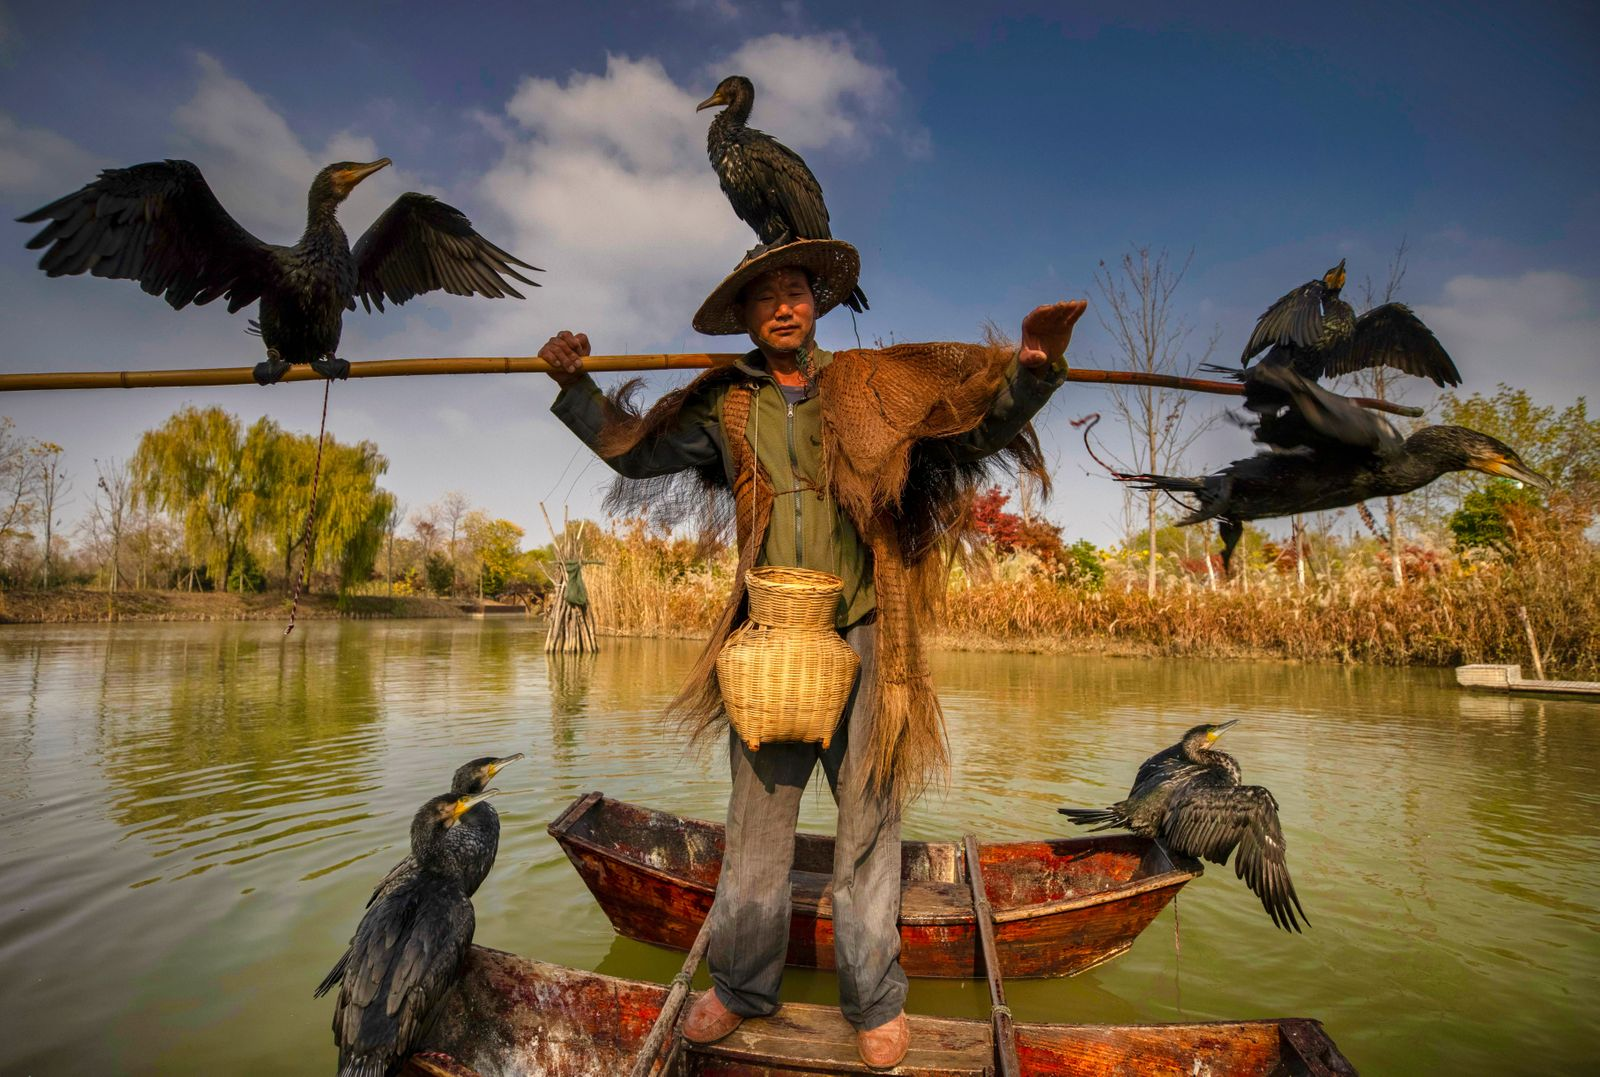 Hongze Lake Wetland in China, Suqian - 15 Nov 2020